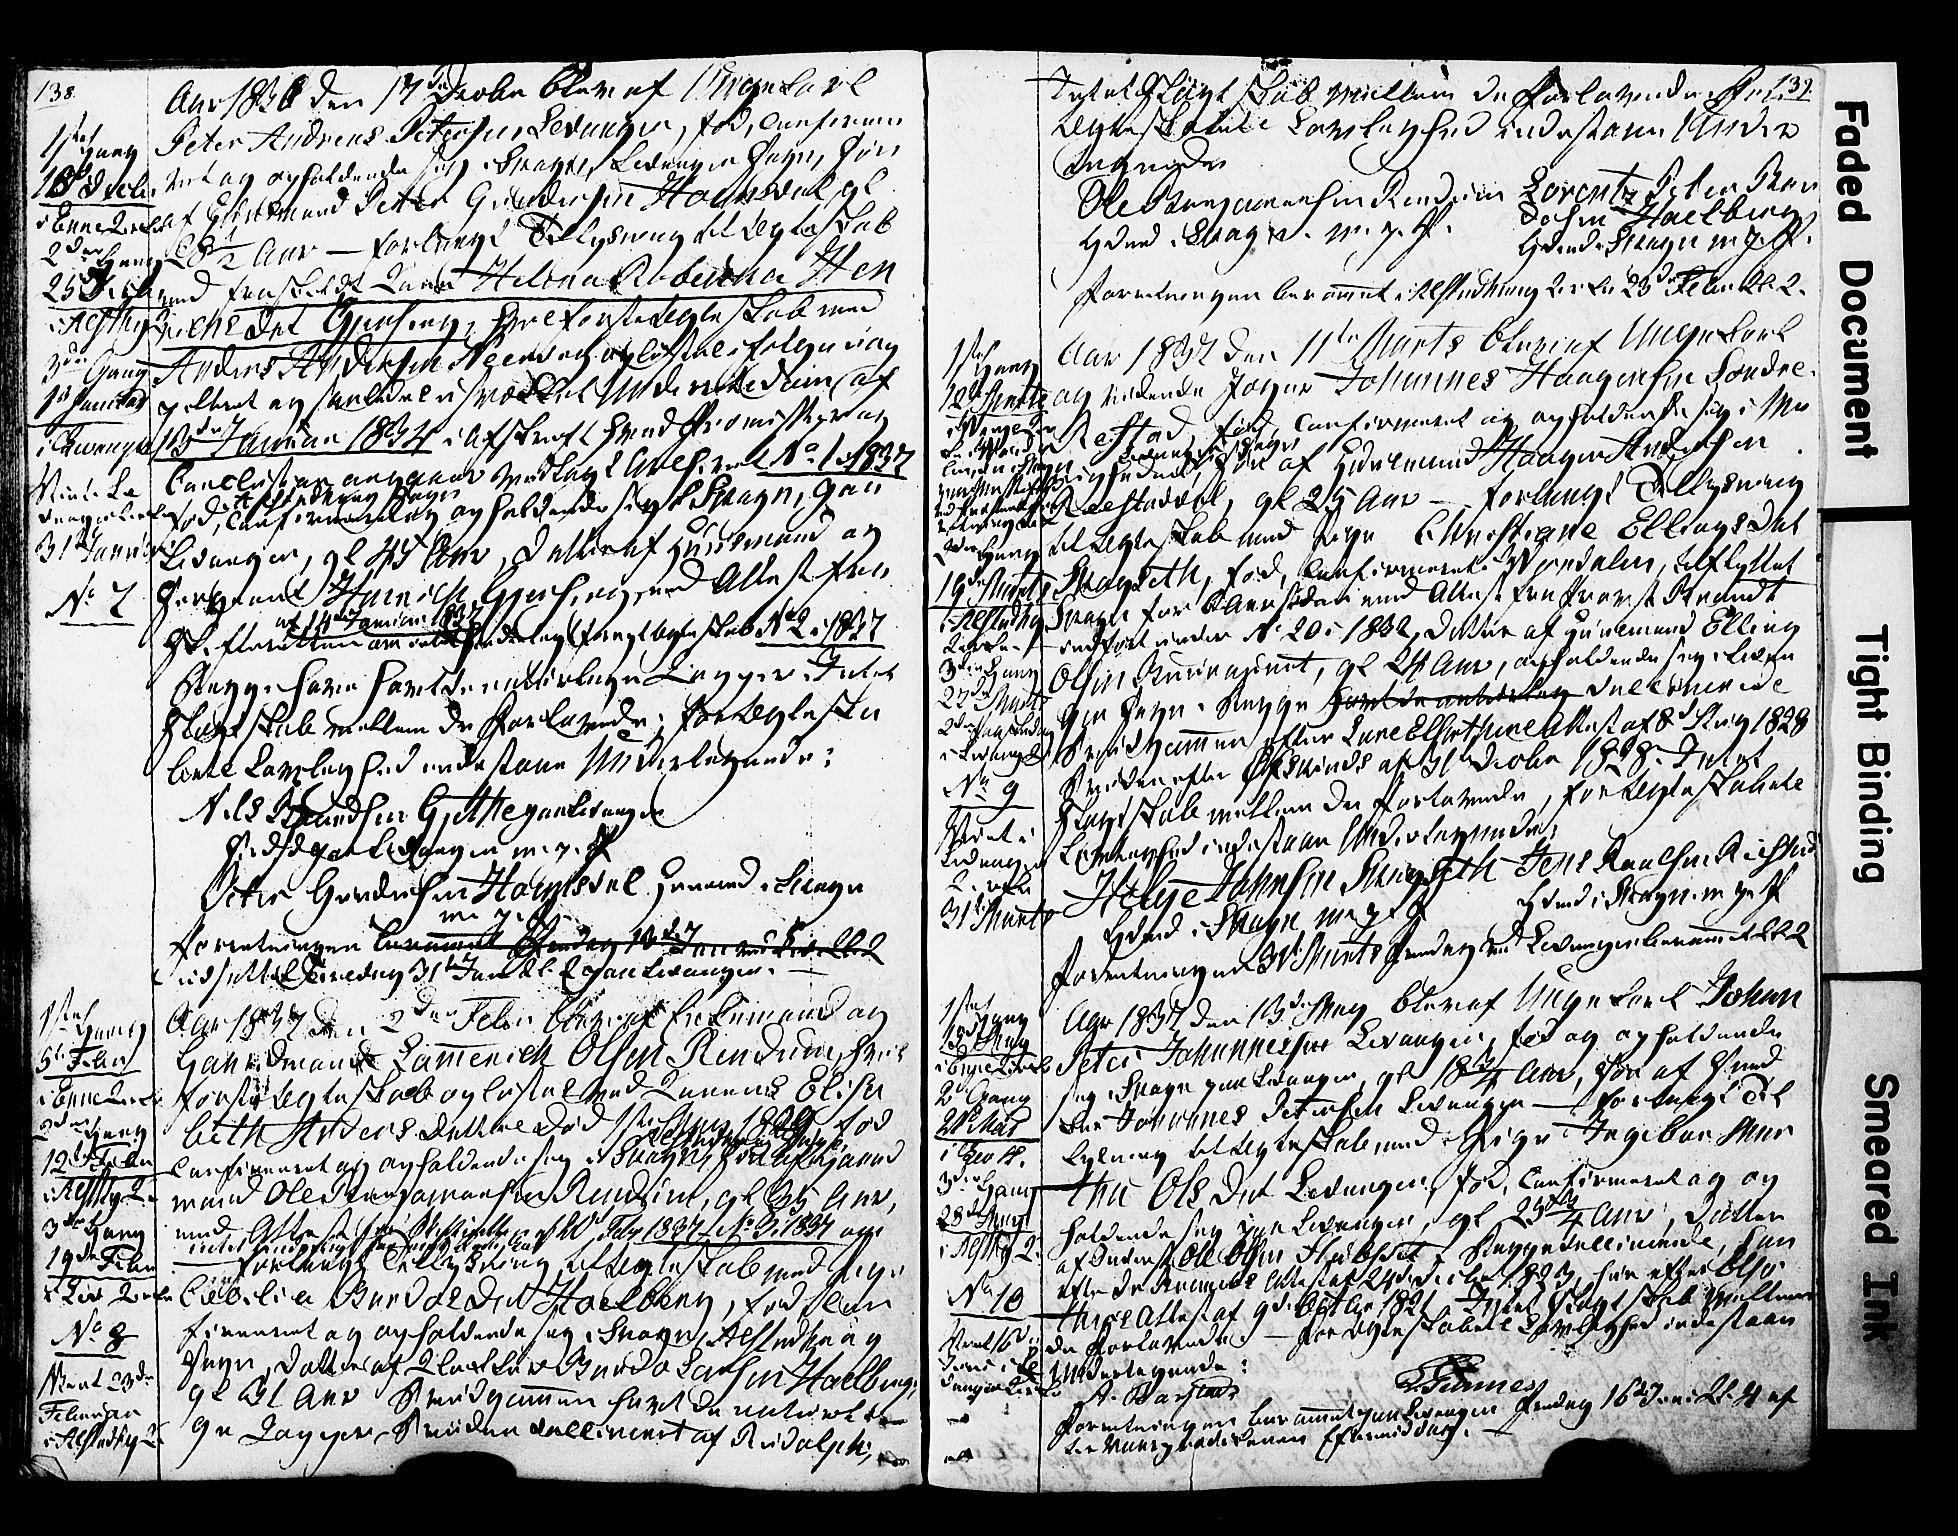 SAT, Ministerialprotokoller, klokkerbøker og fødselsregistre - Nord-Trøndelag, 717/L0160: Forlovererklæringer nr. 717A10, 1828-1850, s. 138-139